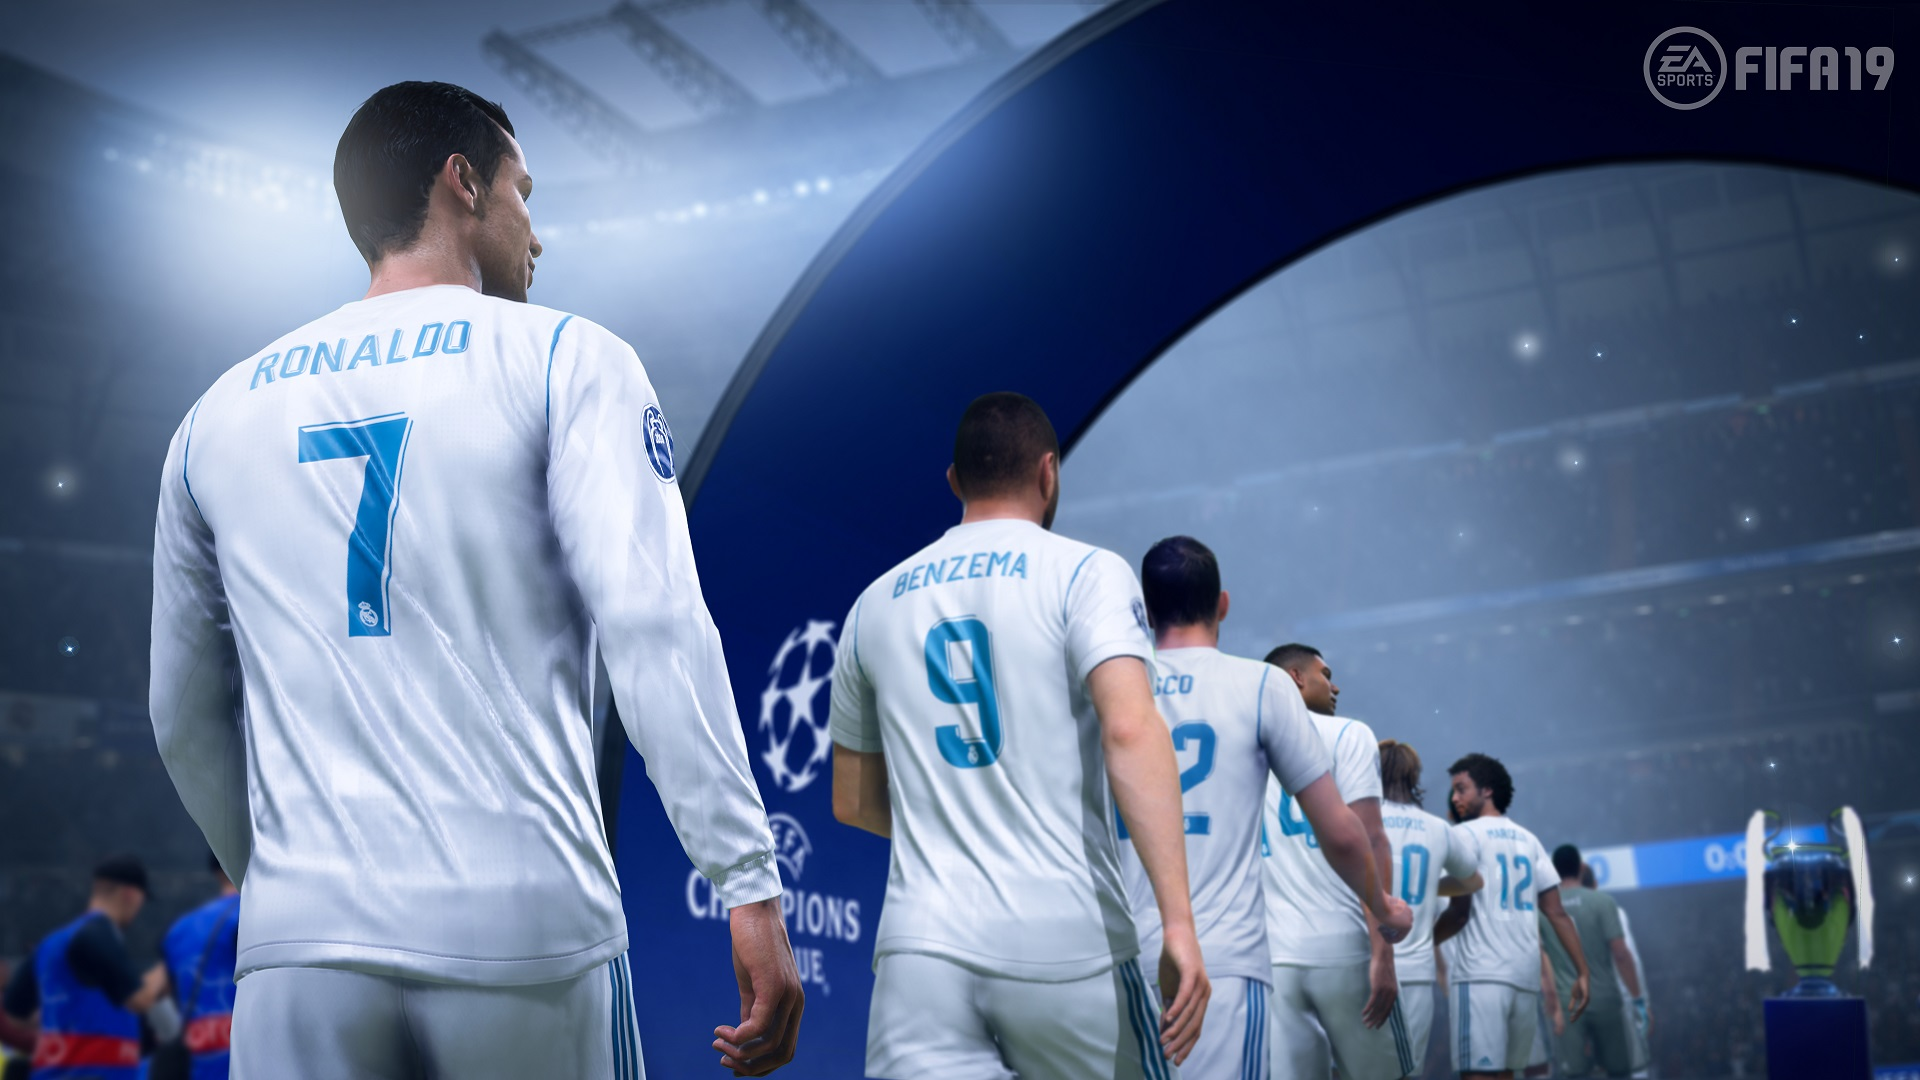 8acb46ea8a75f5 FIFA 19 - Test de FIFA 19 - Il sort de nulle part... - Jeux-vidéo